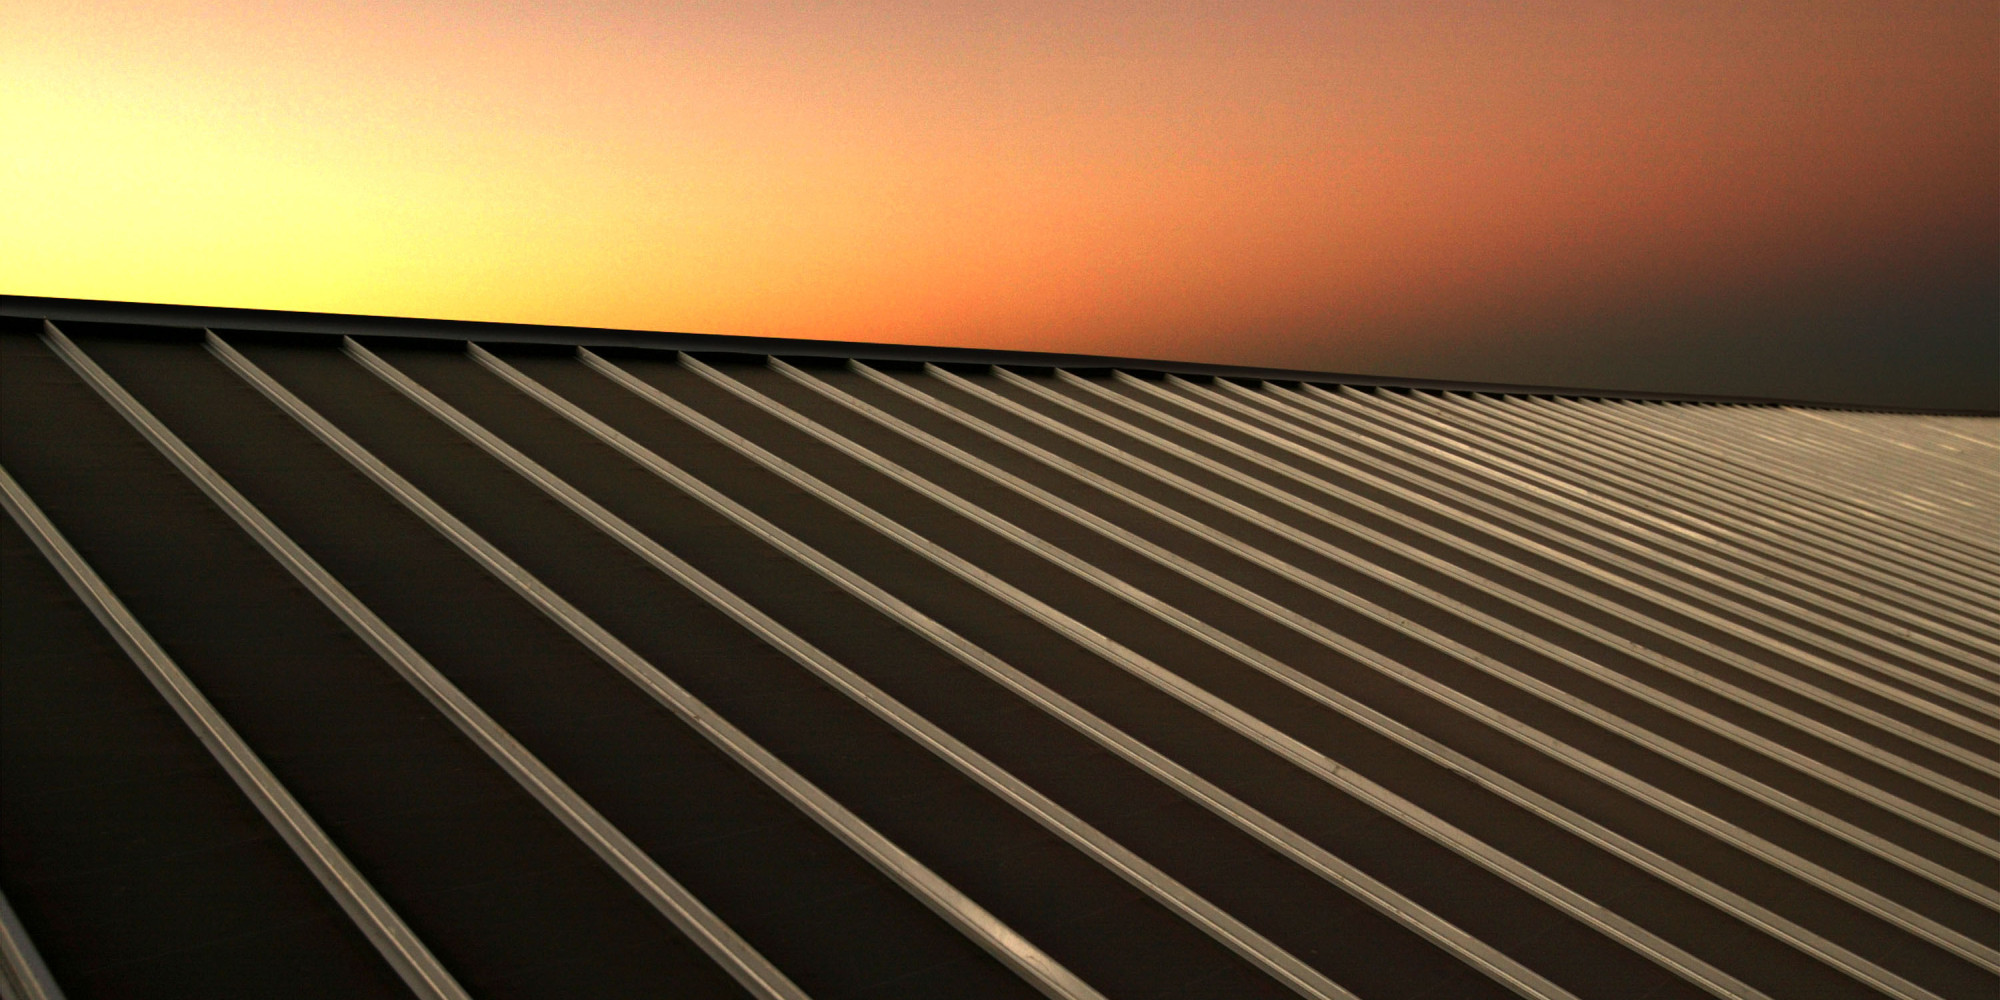 solar panel night